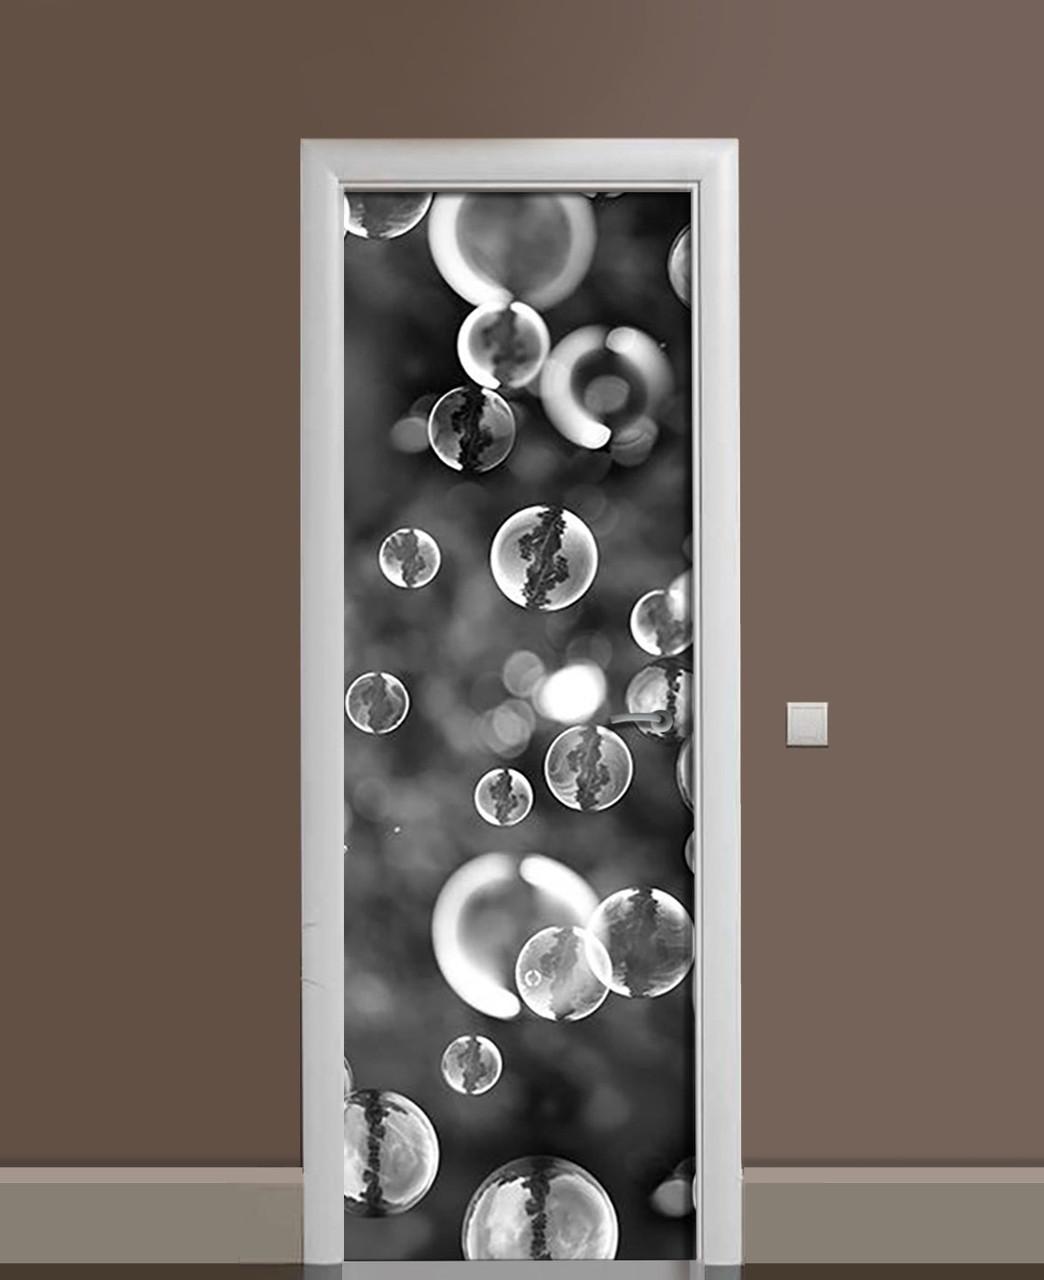 Декор двері Наклейка вінілова Мильні бульбашки Макро ПВХ плівка з ламінуванням 65*200см Текстура Сірий